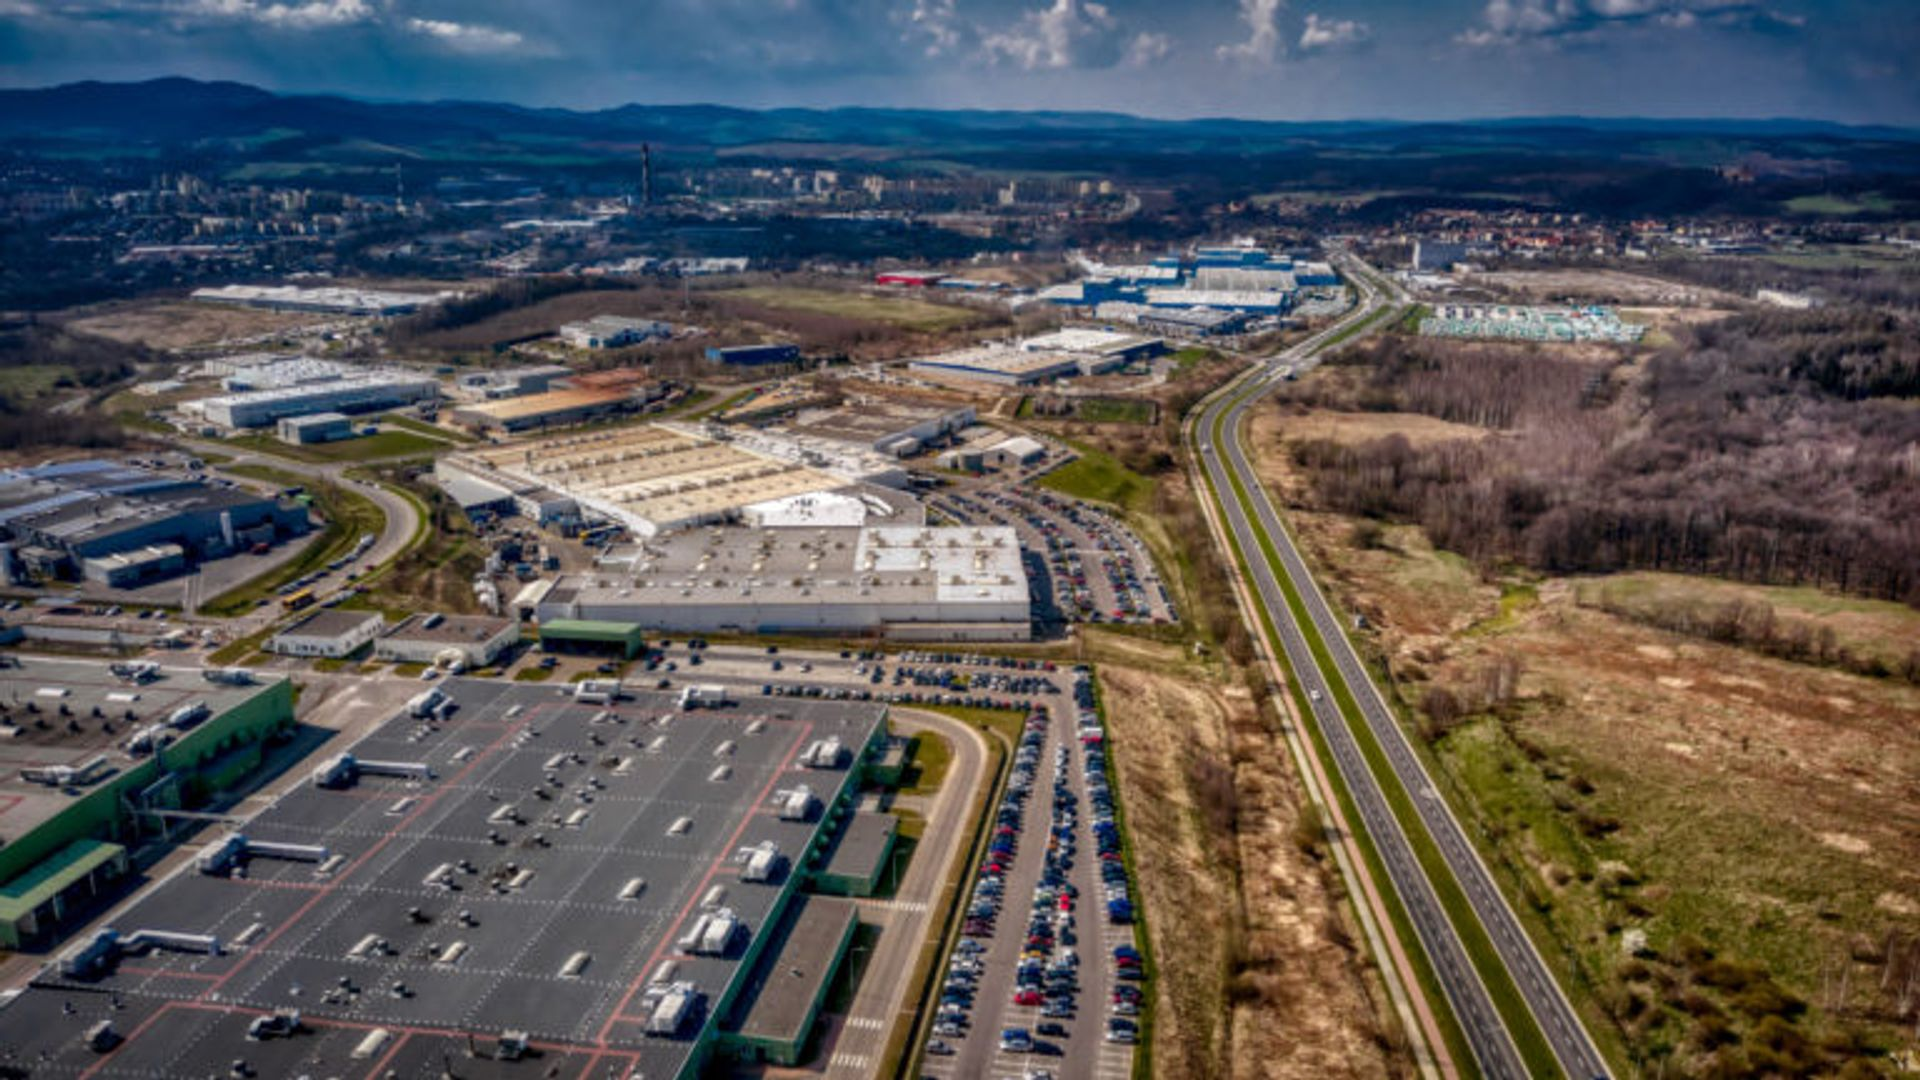 WSSE Invest-Park: Blisko 3000 nowych miejsc pracy oraz ponad 3,5 mld złotych nakładów inwestycyjnych